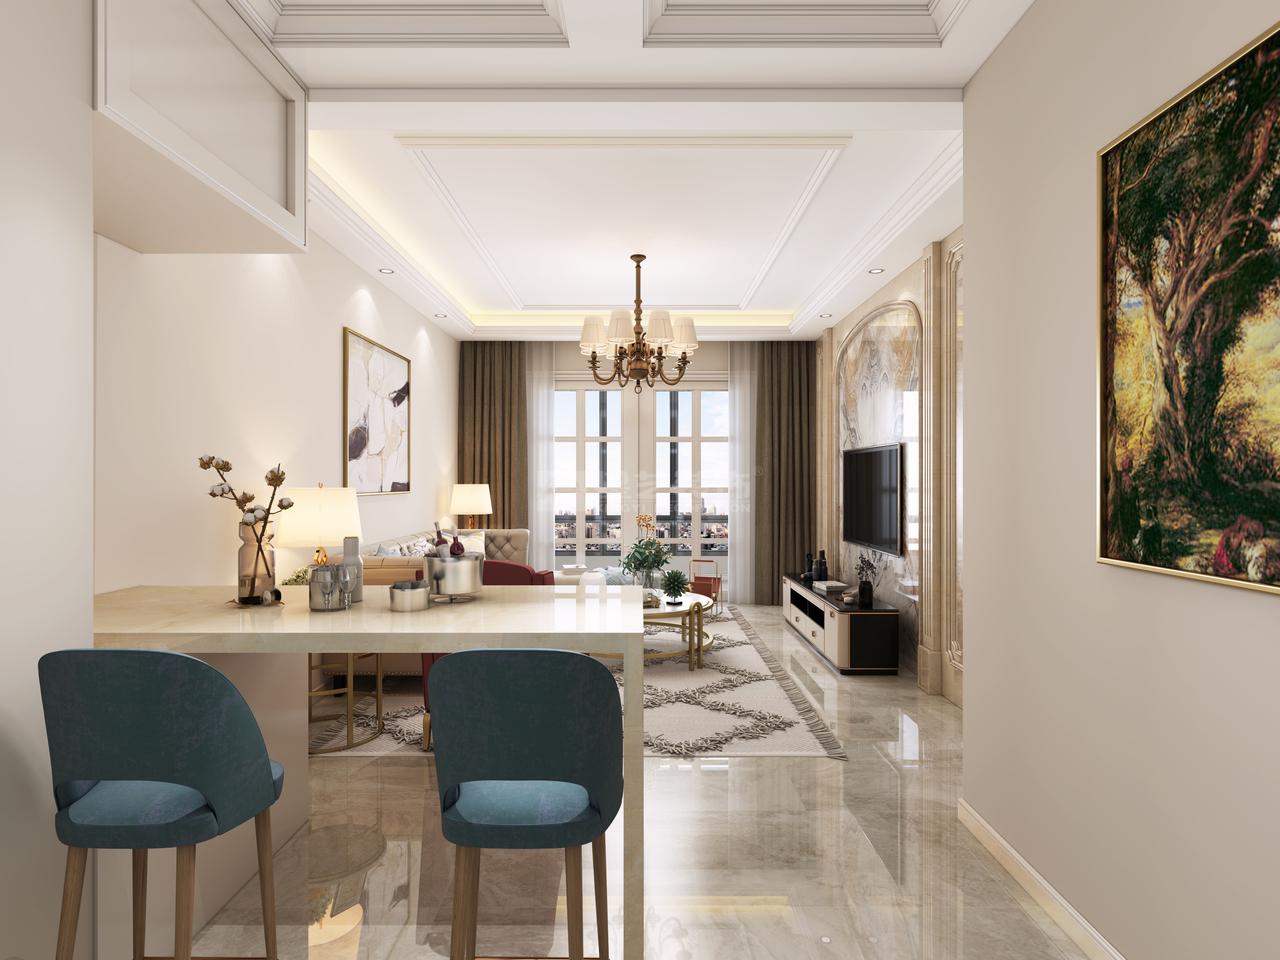 【群升大智汇】展现现代都市气息的新中式风格!,美式,别墅,130.0㎡